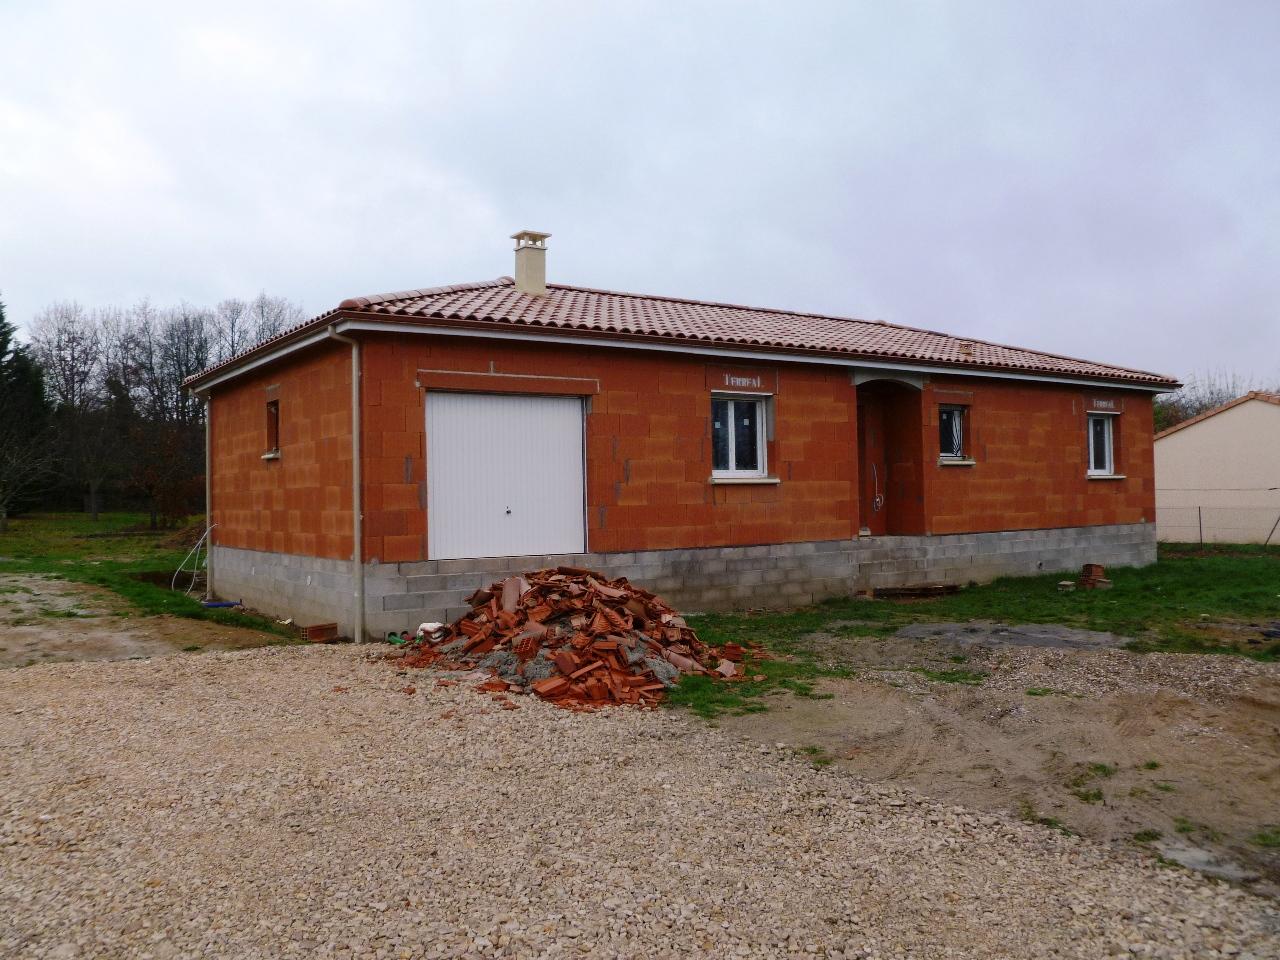 Blog construction maison bbc sandra et micha l avec villas et maisons de france vmf janvier - Couleur jaune paille ...